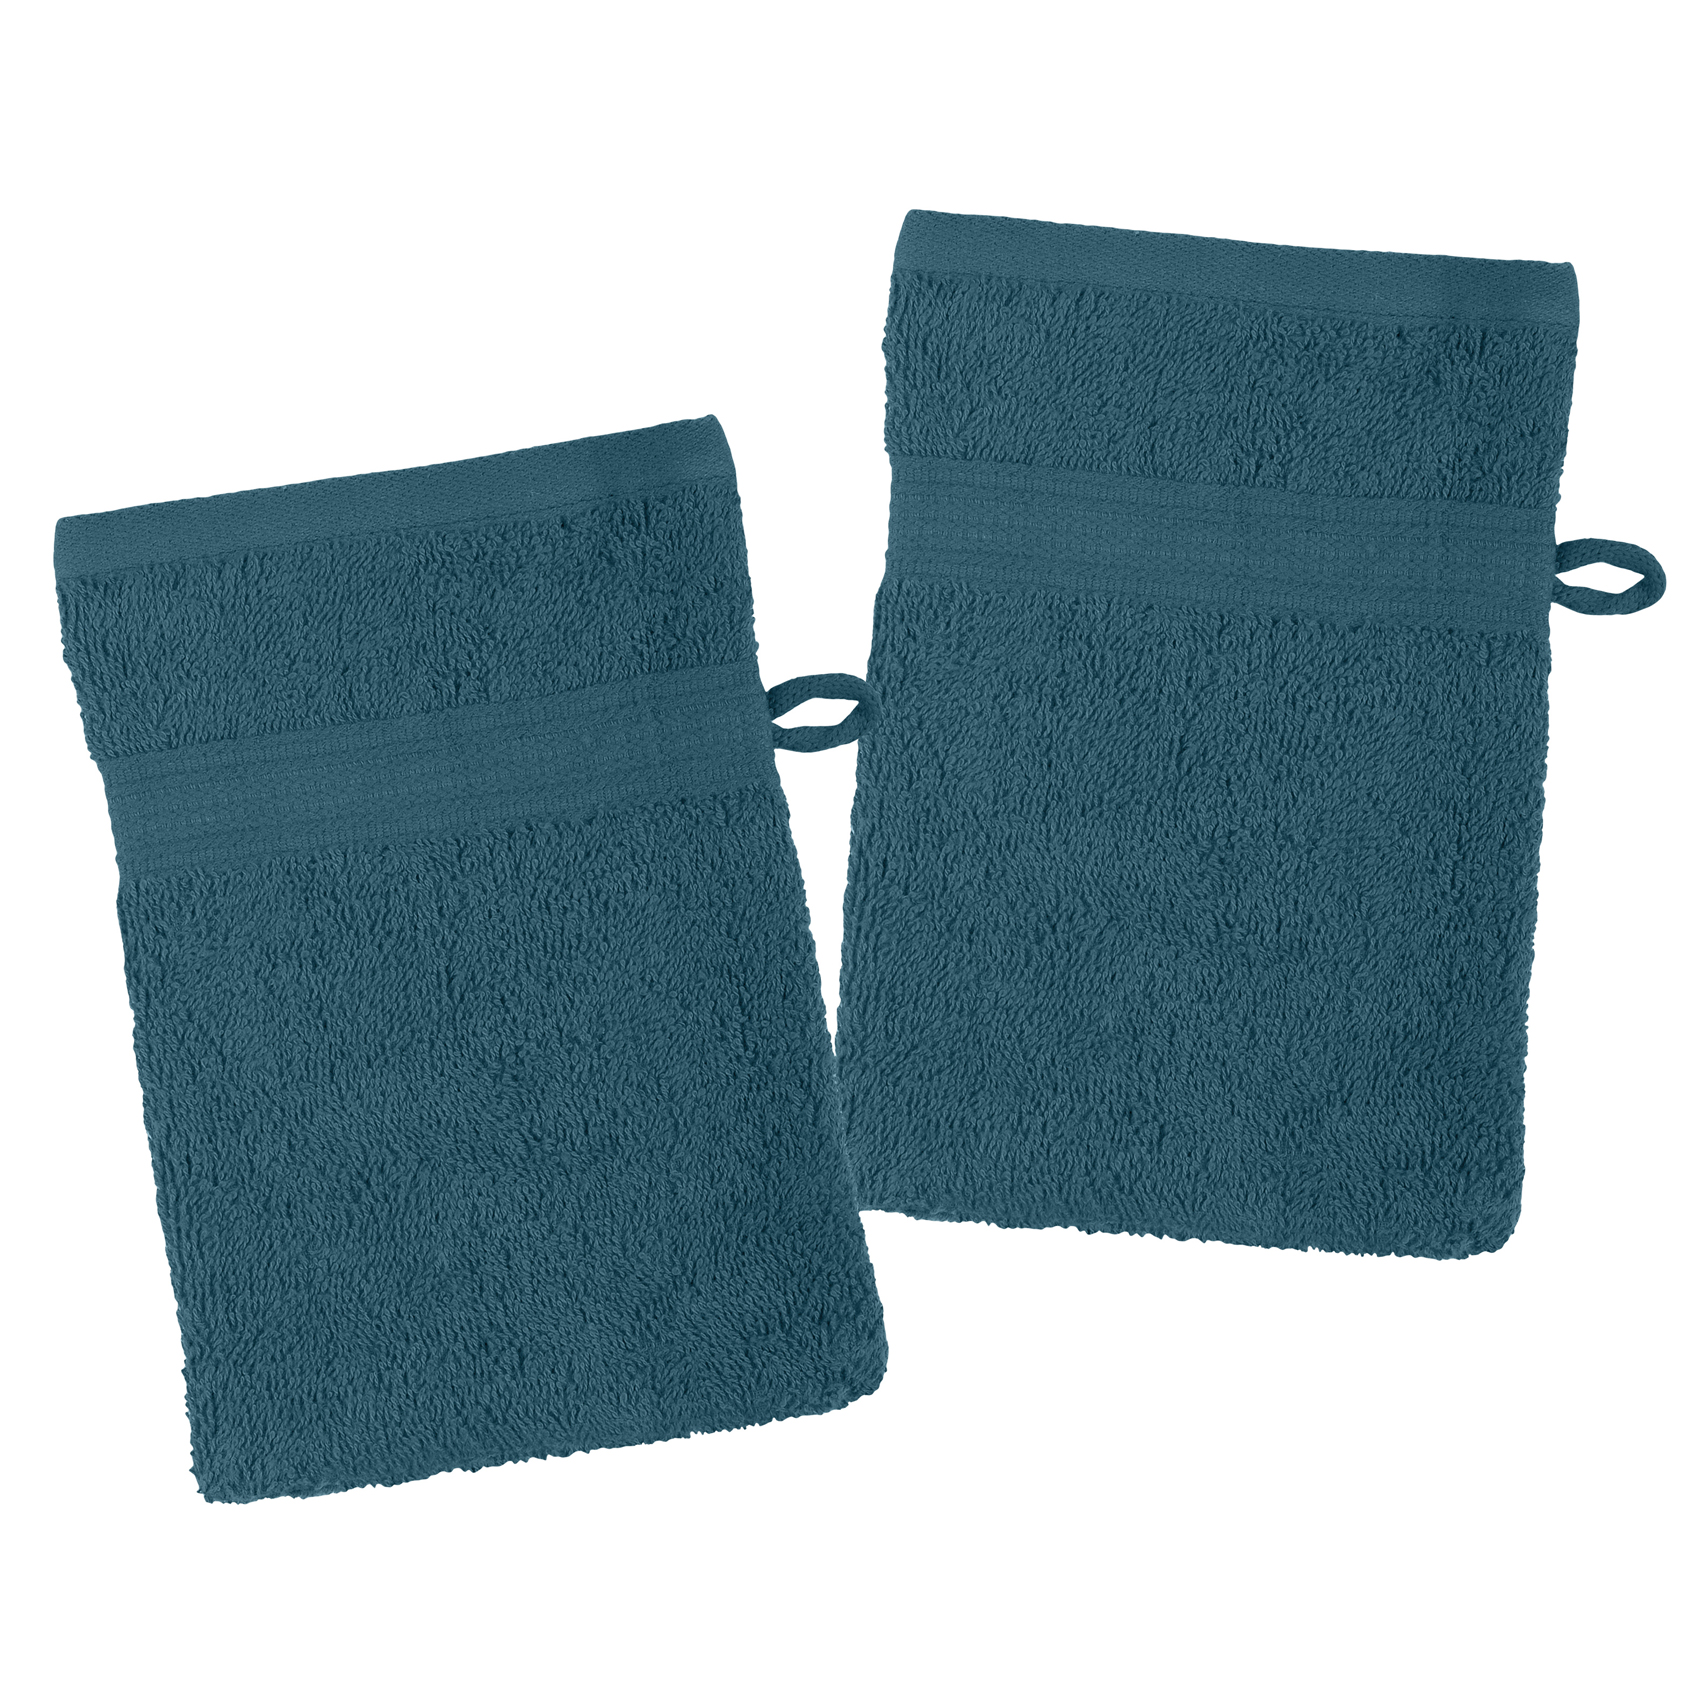 Lot de 2 gants de toilette en coton bio coton pétrole 21x15